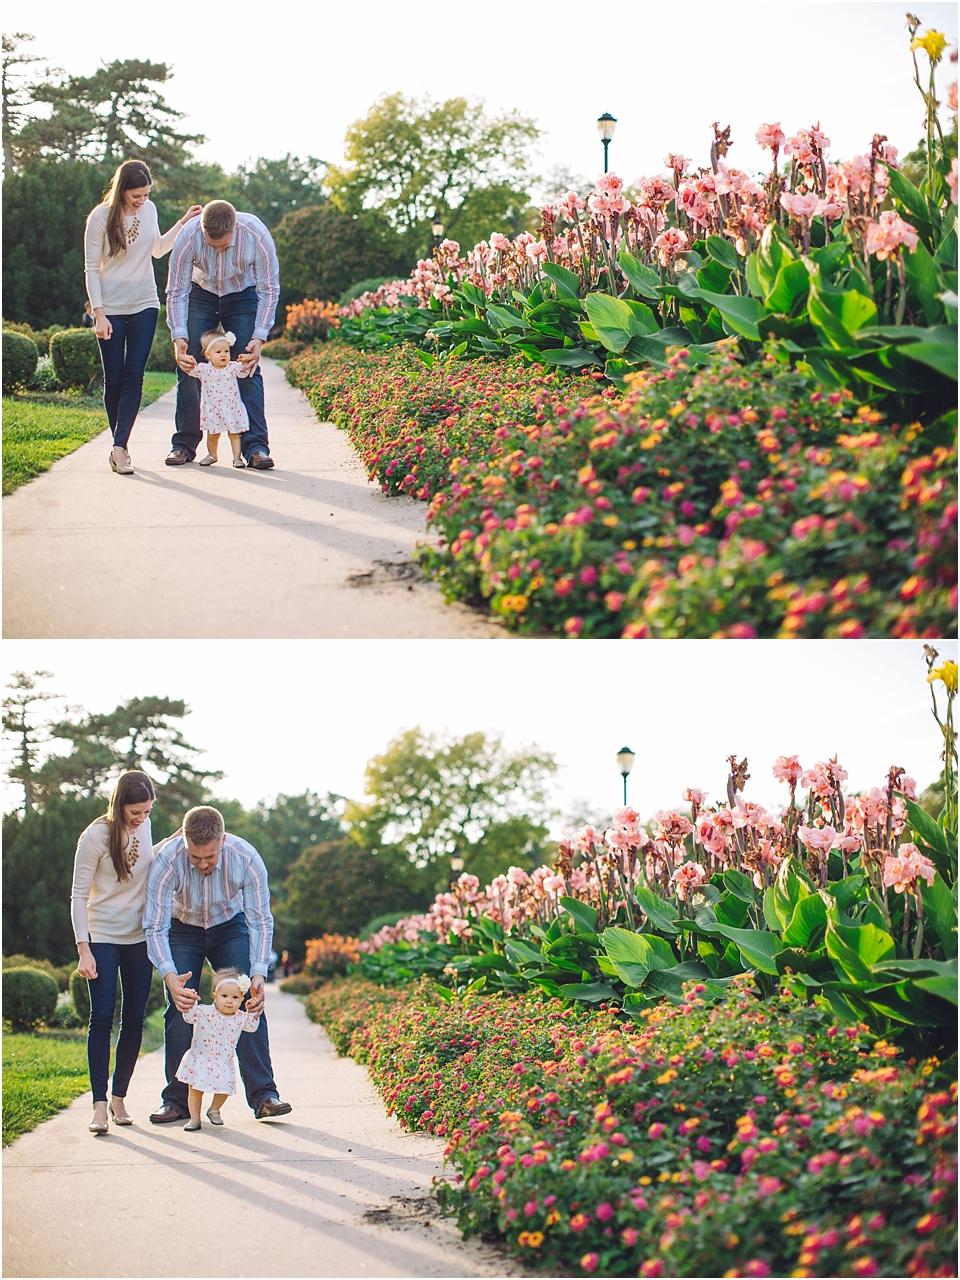 kansascitybestfamilyphotographer_0019